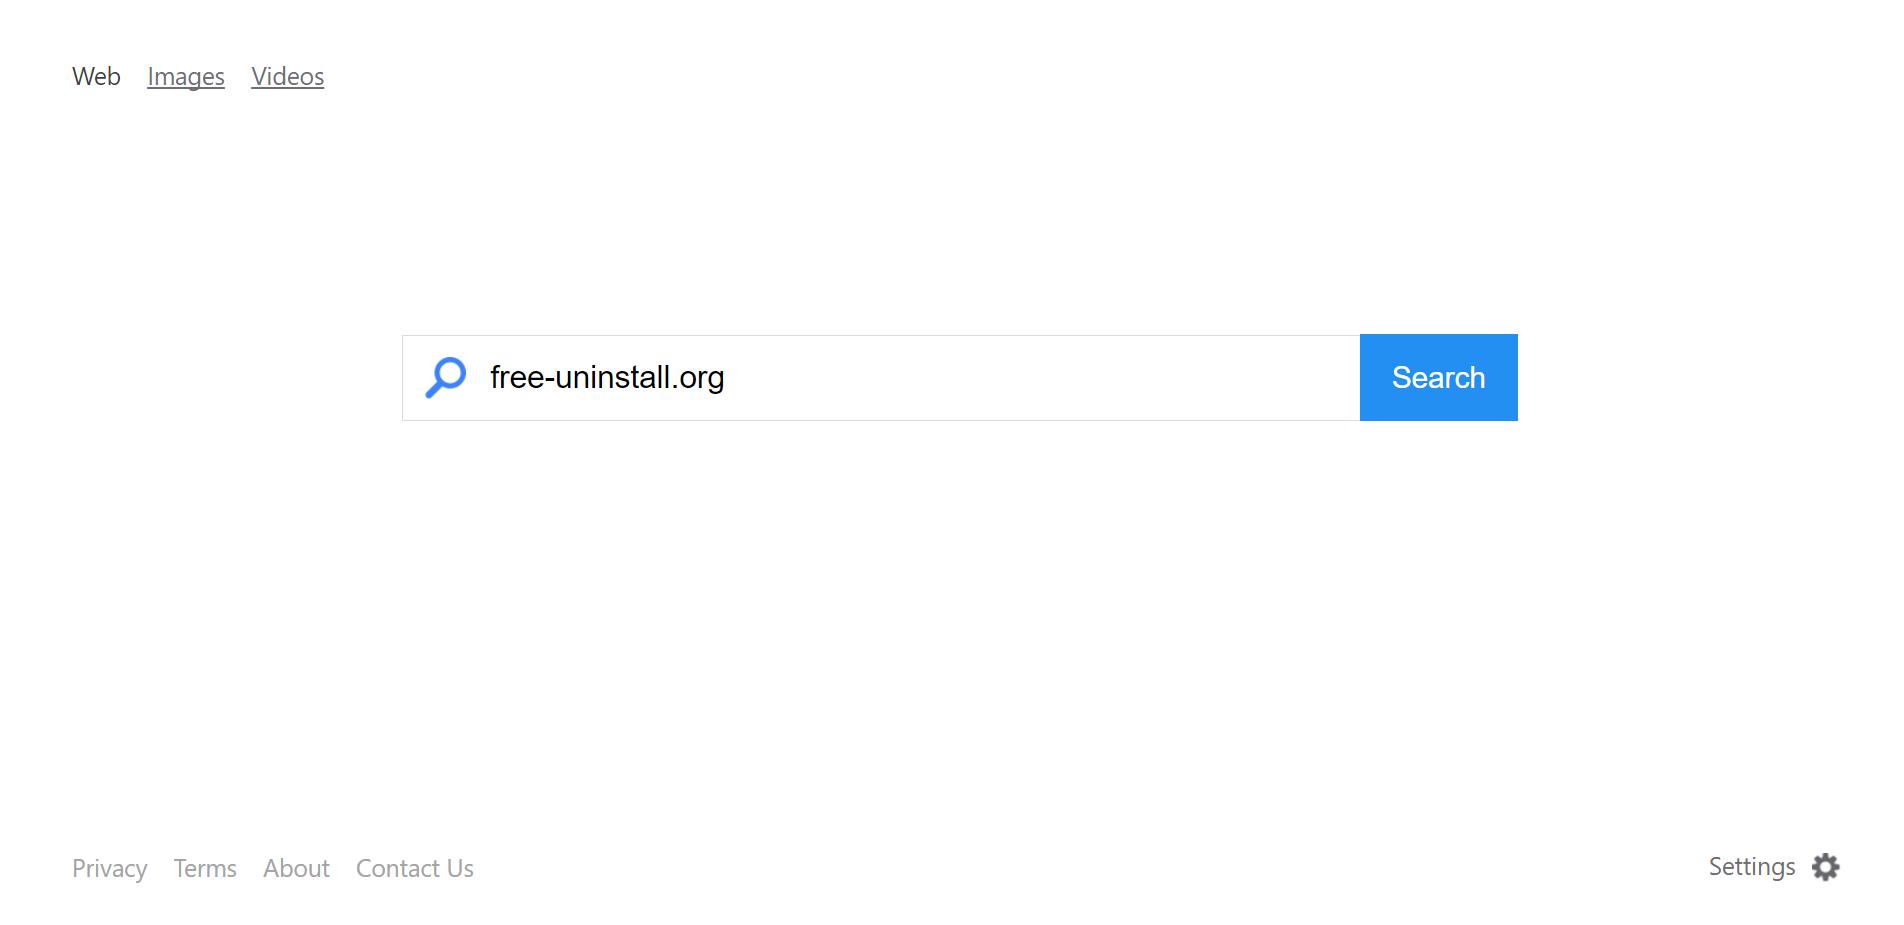 Webhome-page.com Hijacker